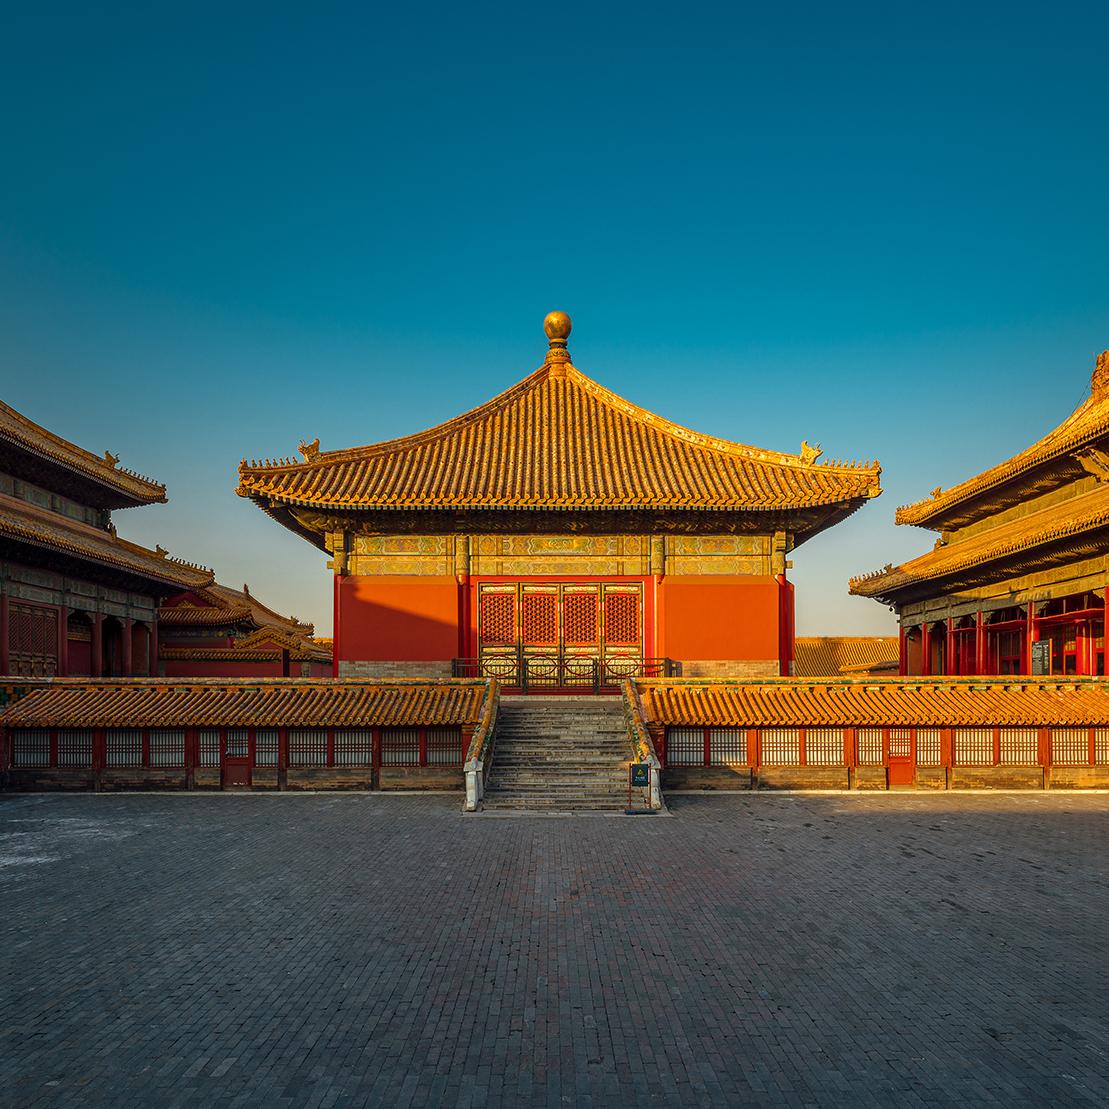 苏唐诗 | 故宫,美得很「平常」